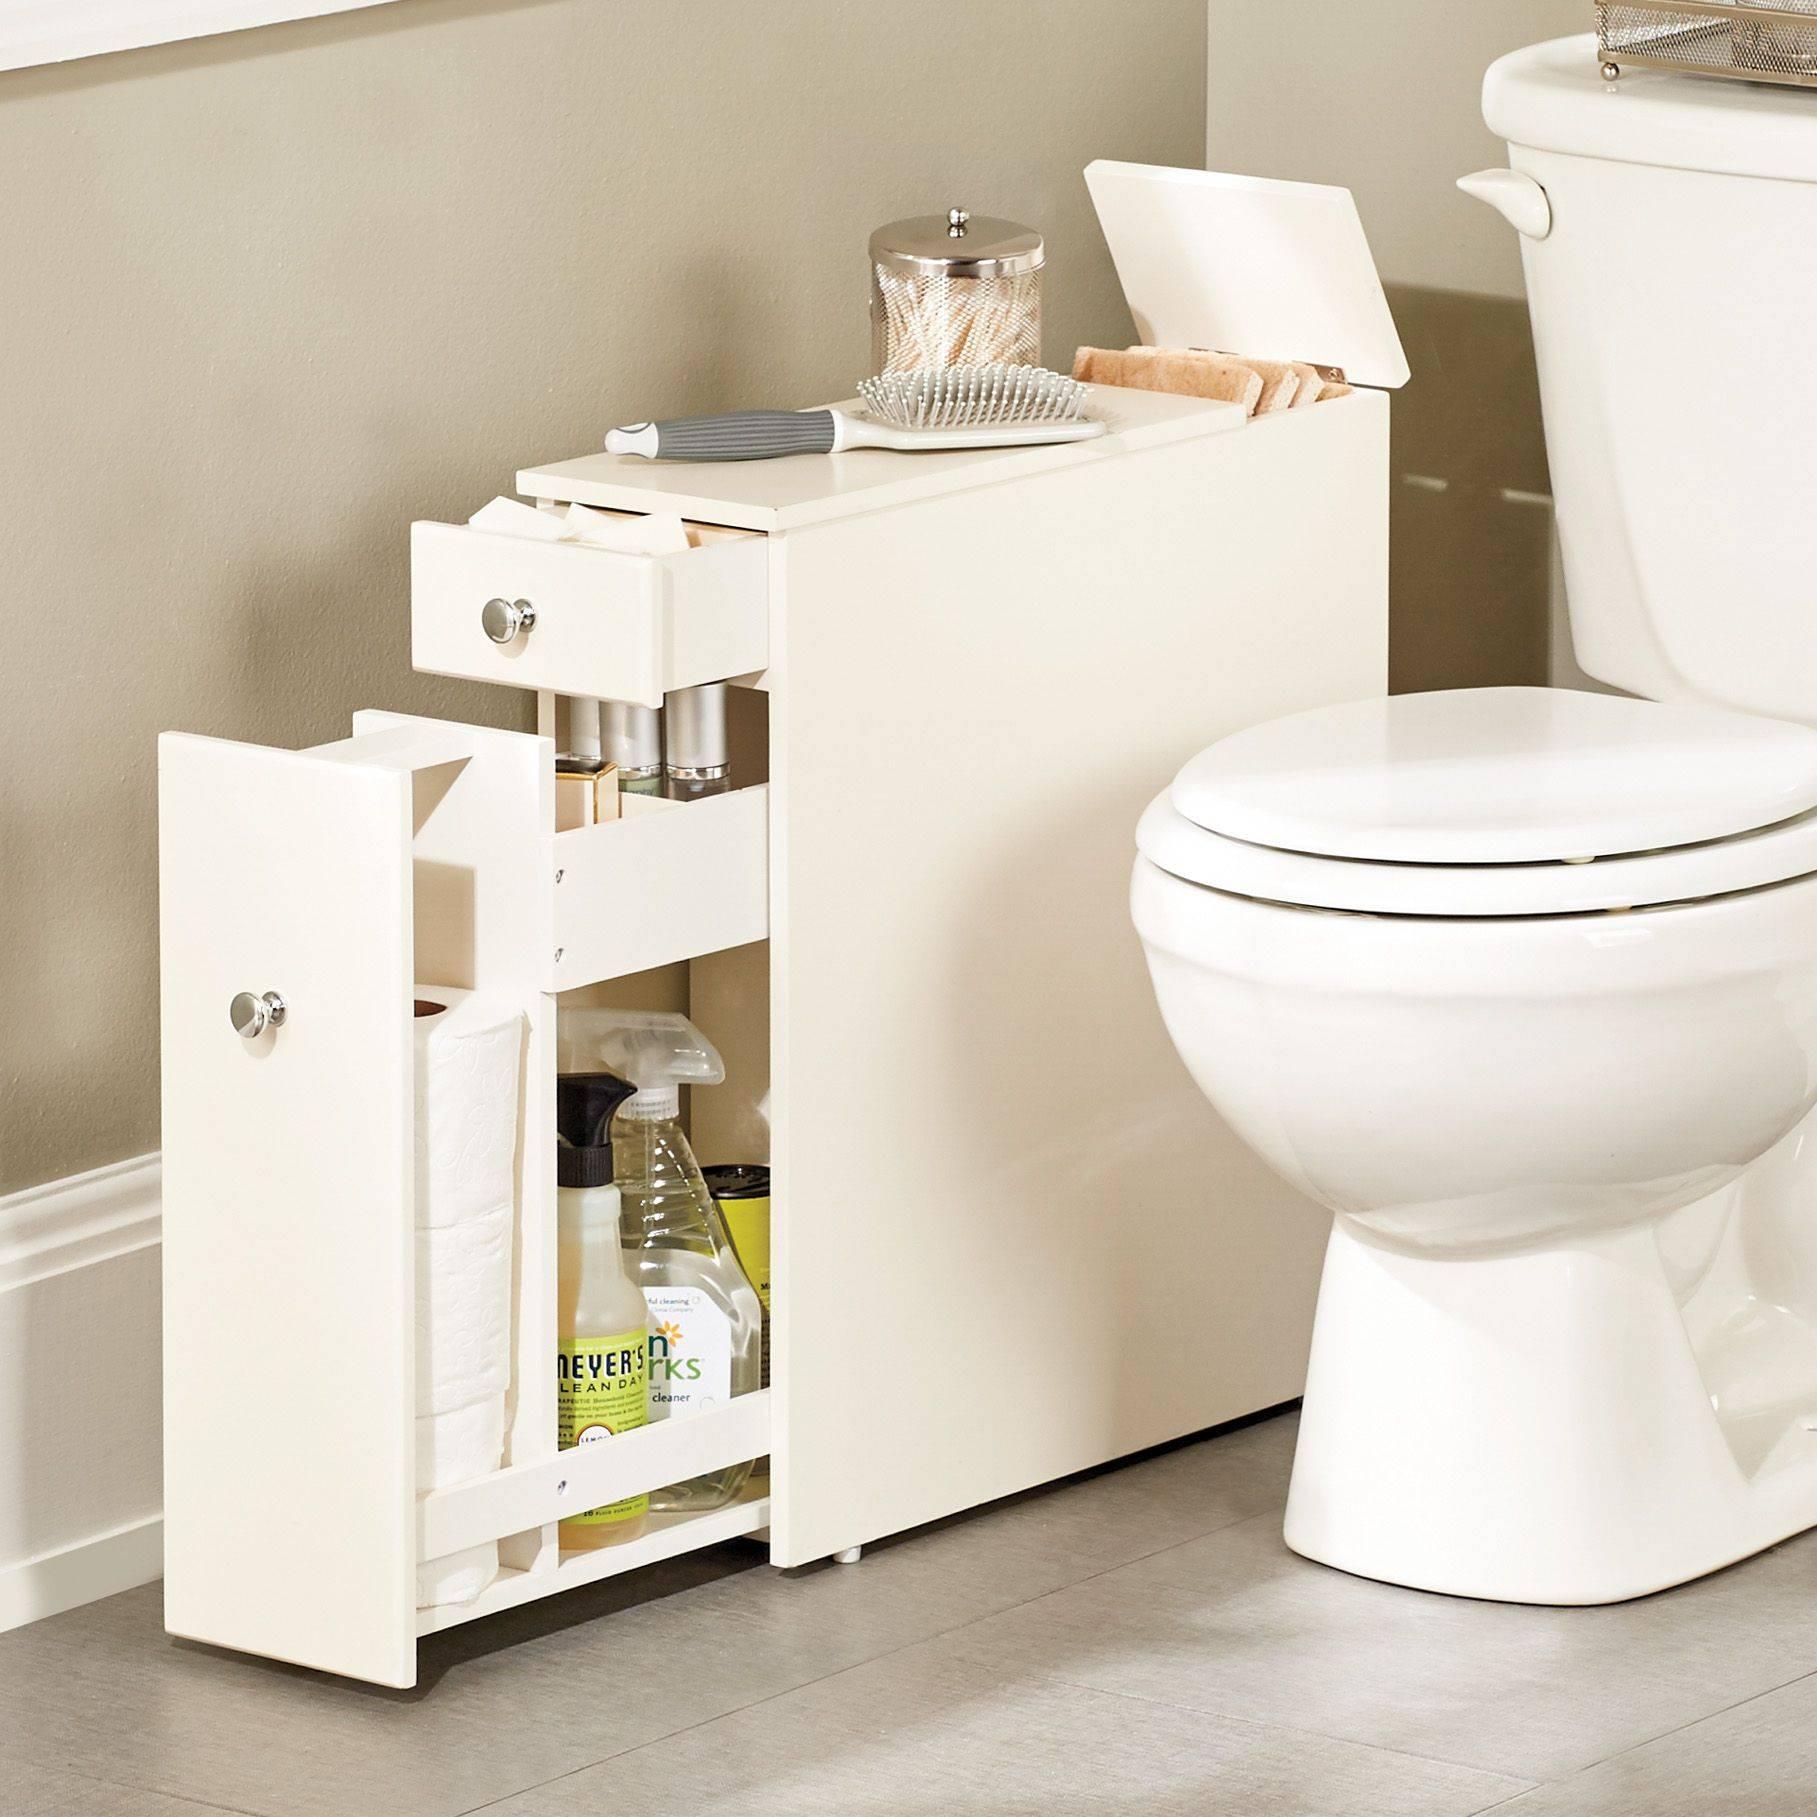 Как организовать порядок в ванной фото 21